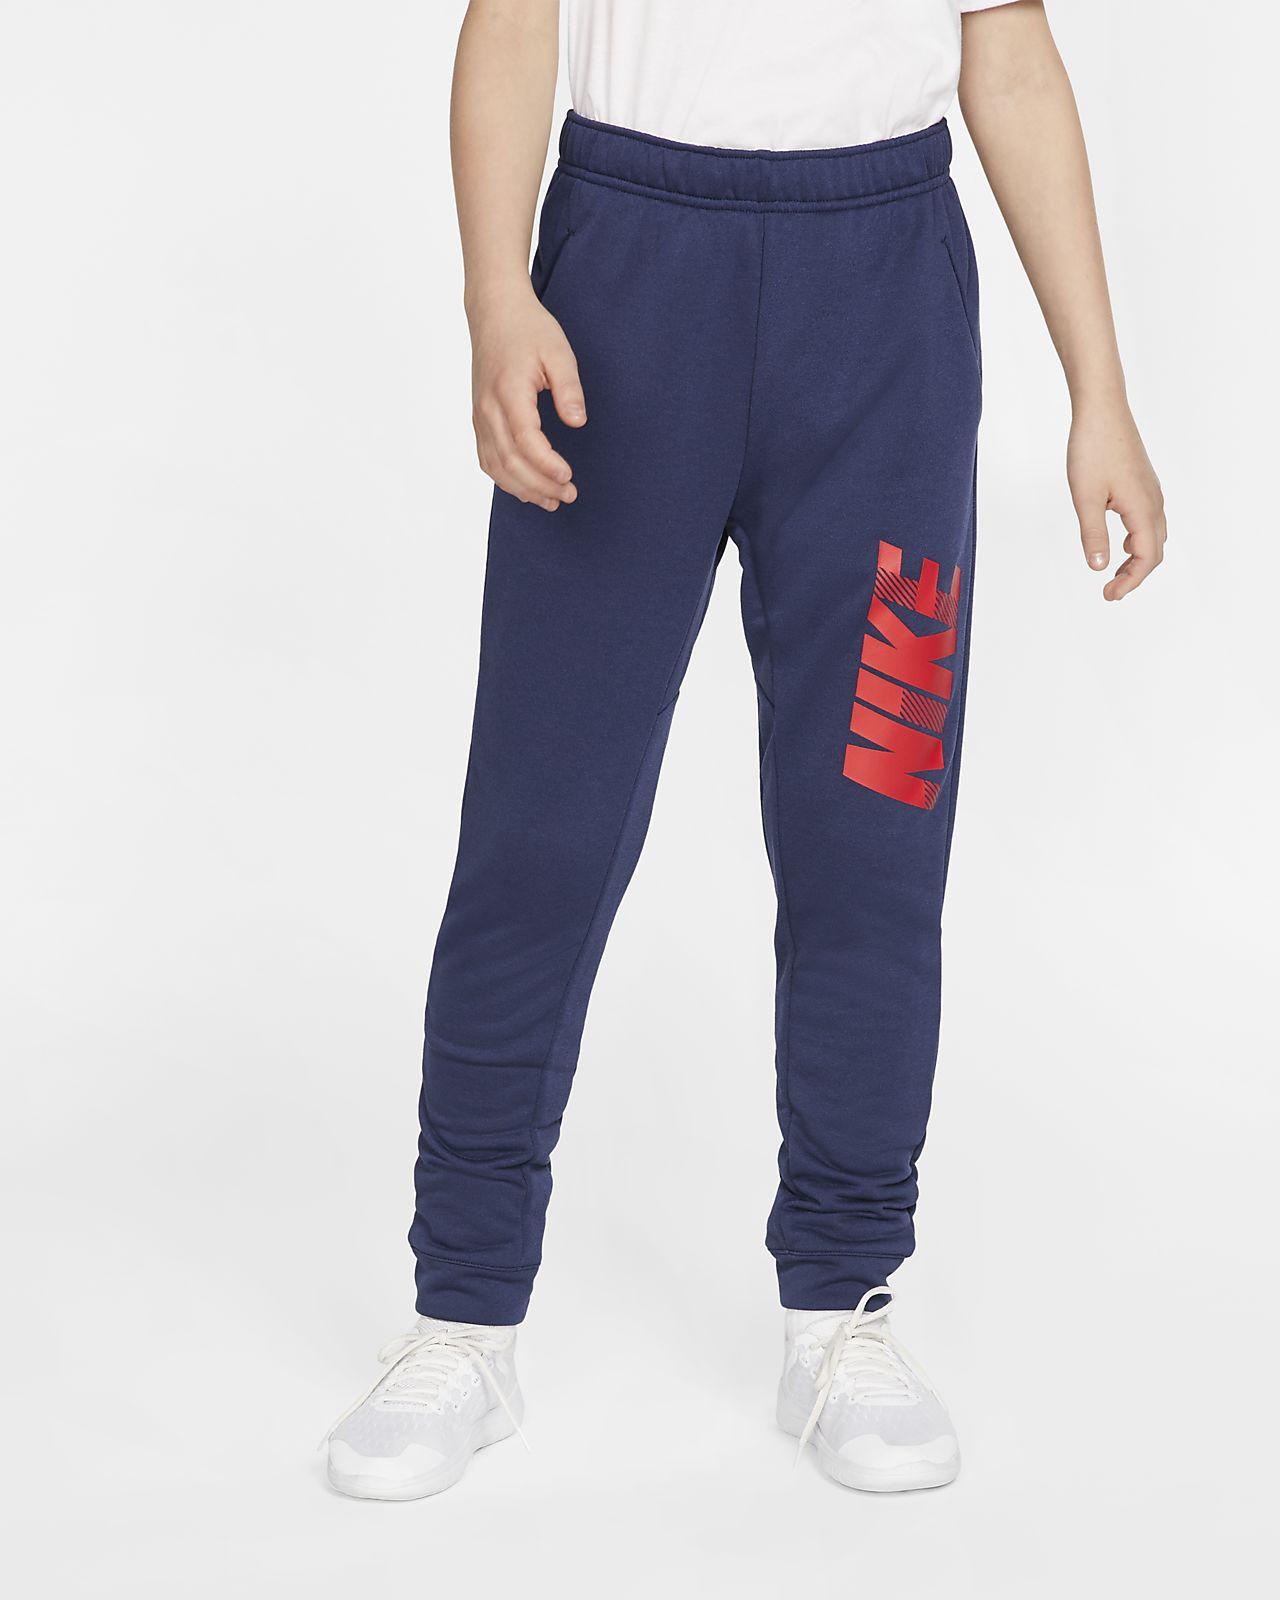 Pantalones de entrenamiento entallados con estampado para niño Nike Dri-FIT